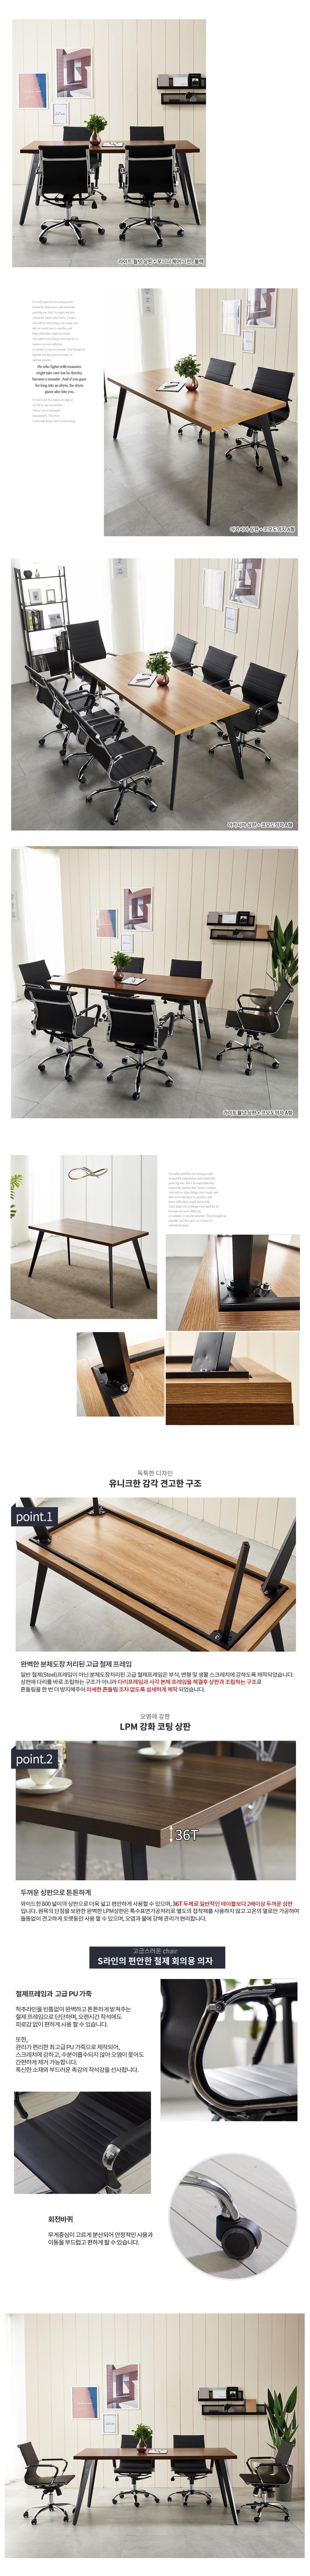 인더밴블랙 1200 코모도 테이블세트 - (주)동화속나무, 766,000원, 책상/의자, 컴퓨터/사무용 책상